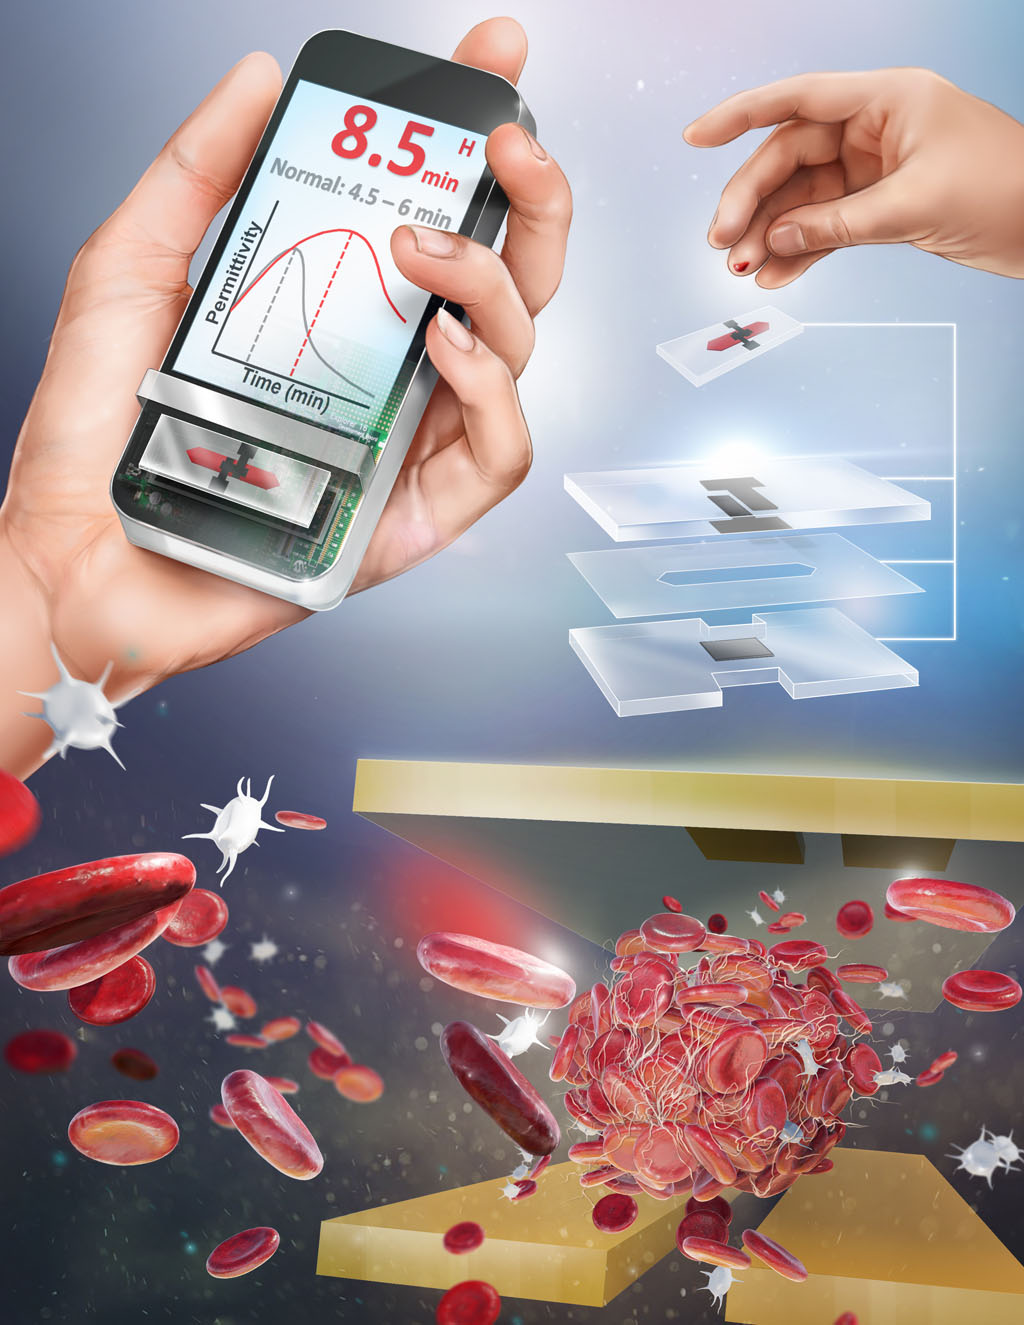 图片:便携式ClotChip将进行临床试验,进一步评估其在床旁护理中快速检测凝血的能力是否与实验室检查有可比性(照片由Case Western Reserve University提供)。